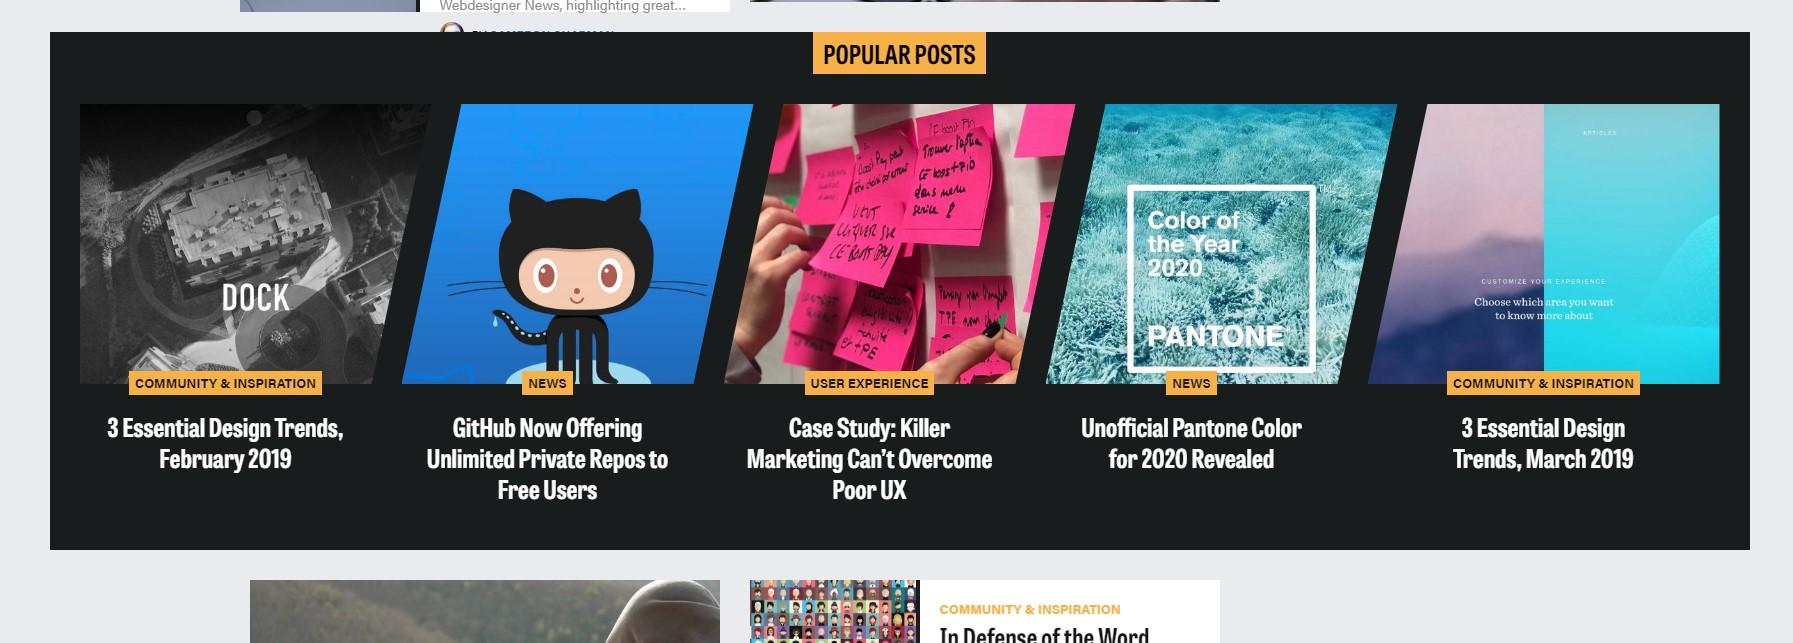 Tamanho de imagens - exemplo webdesignerdepot